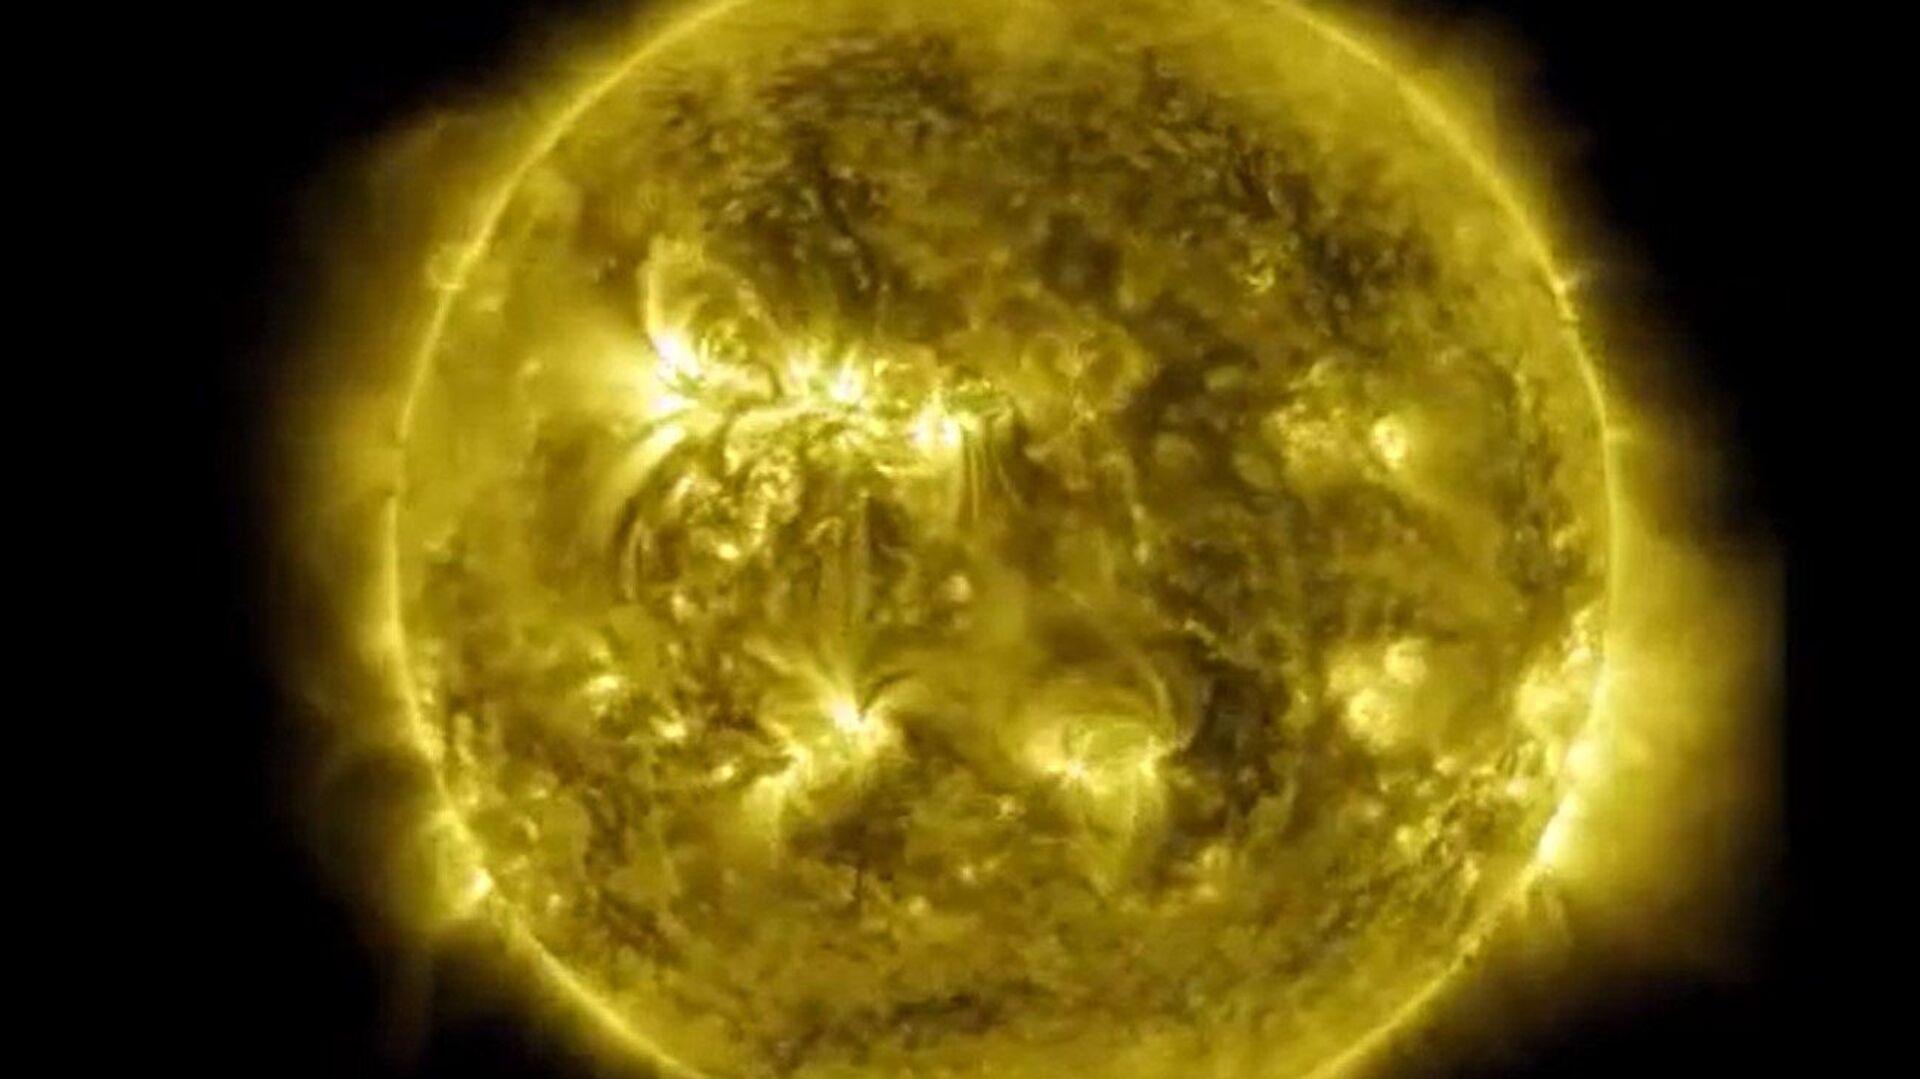 Ο Ήλιος αποτυπωμένος από το Παρατηρητήριο Ηλιακής Δυναμικής - Sputnik Ελλάδα, 1920, 03.10.2021